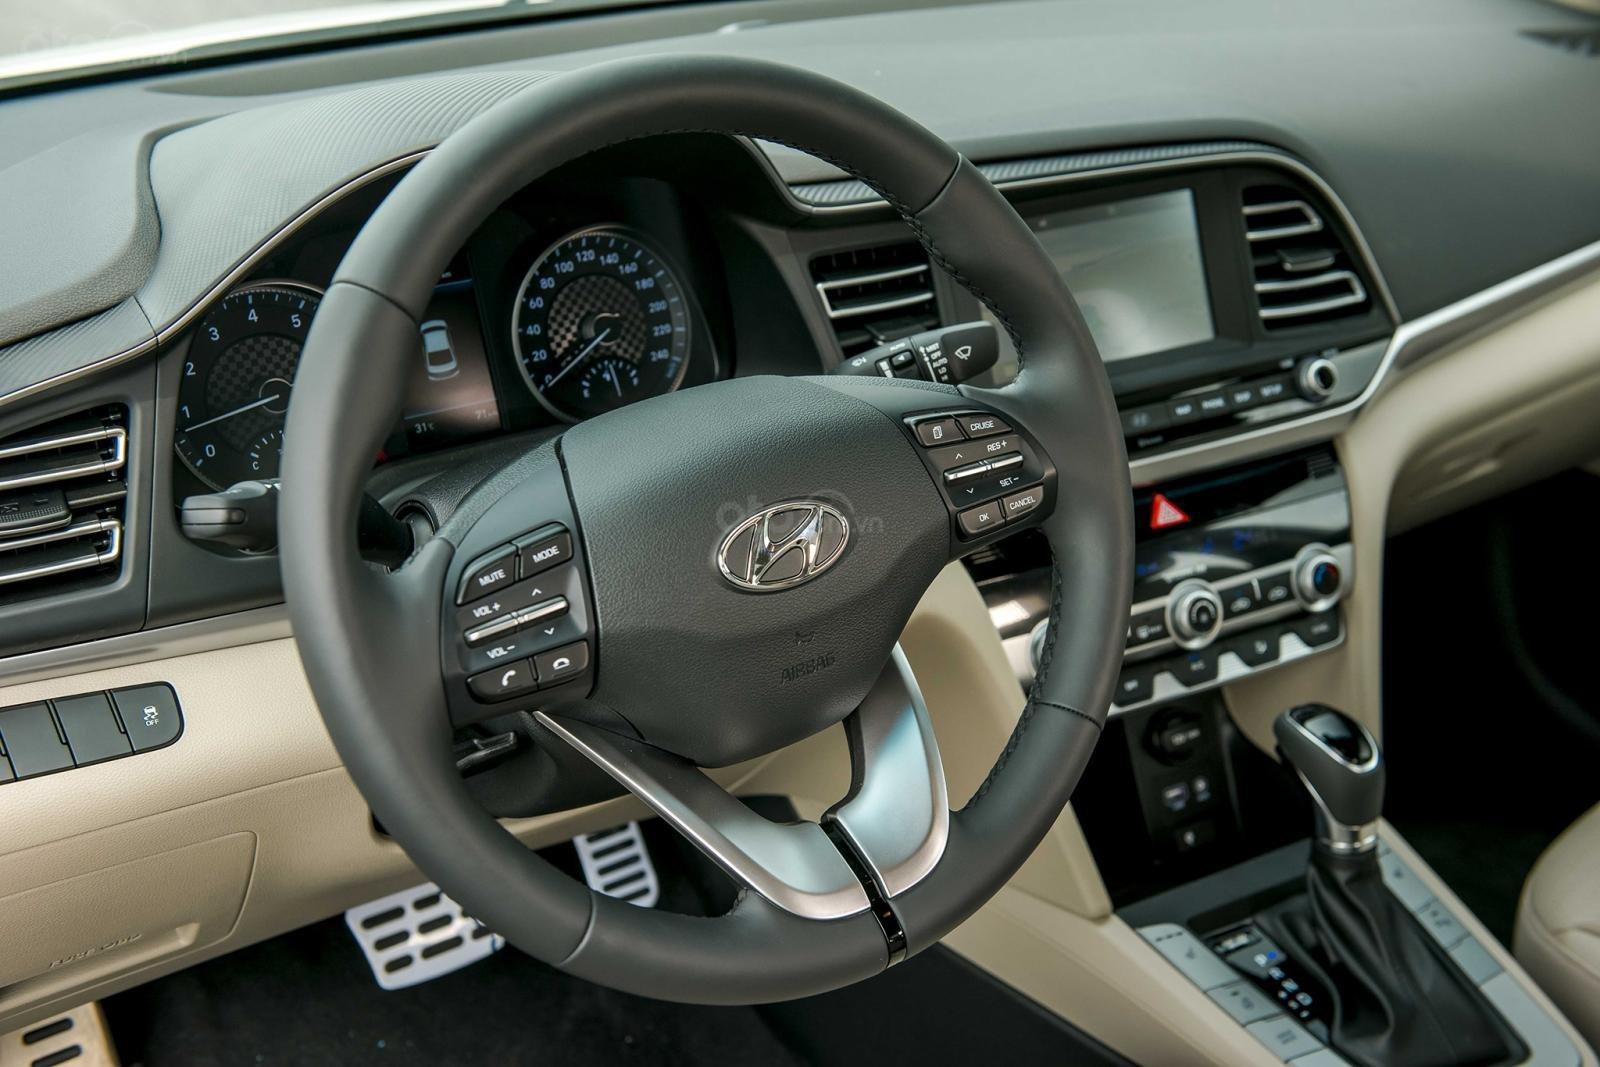 So sánh xe Hyundai Elantra 2019 và Kia Cerato 2019 về nội thất 10